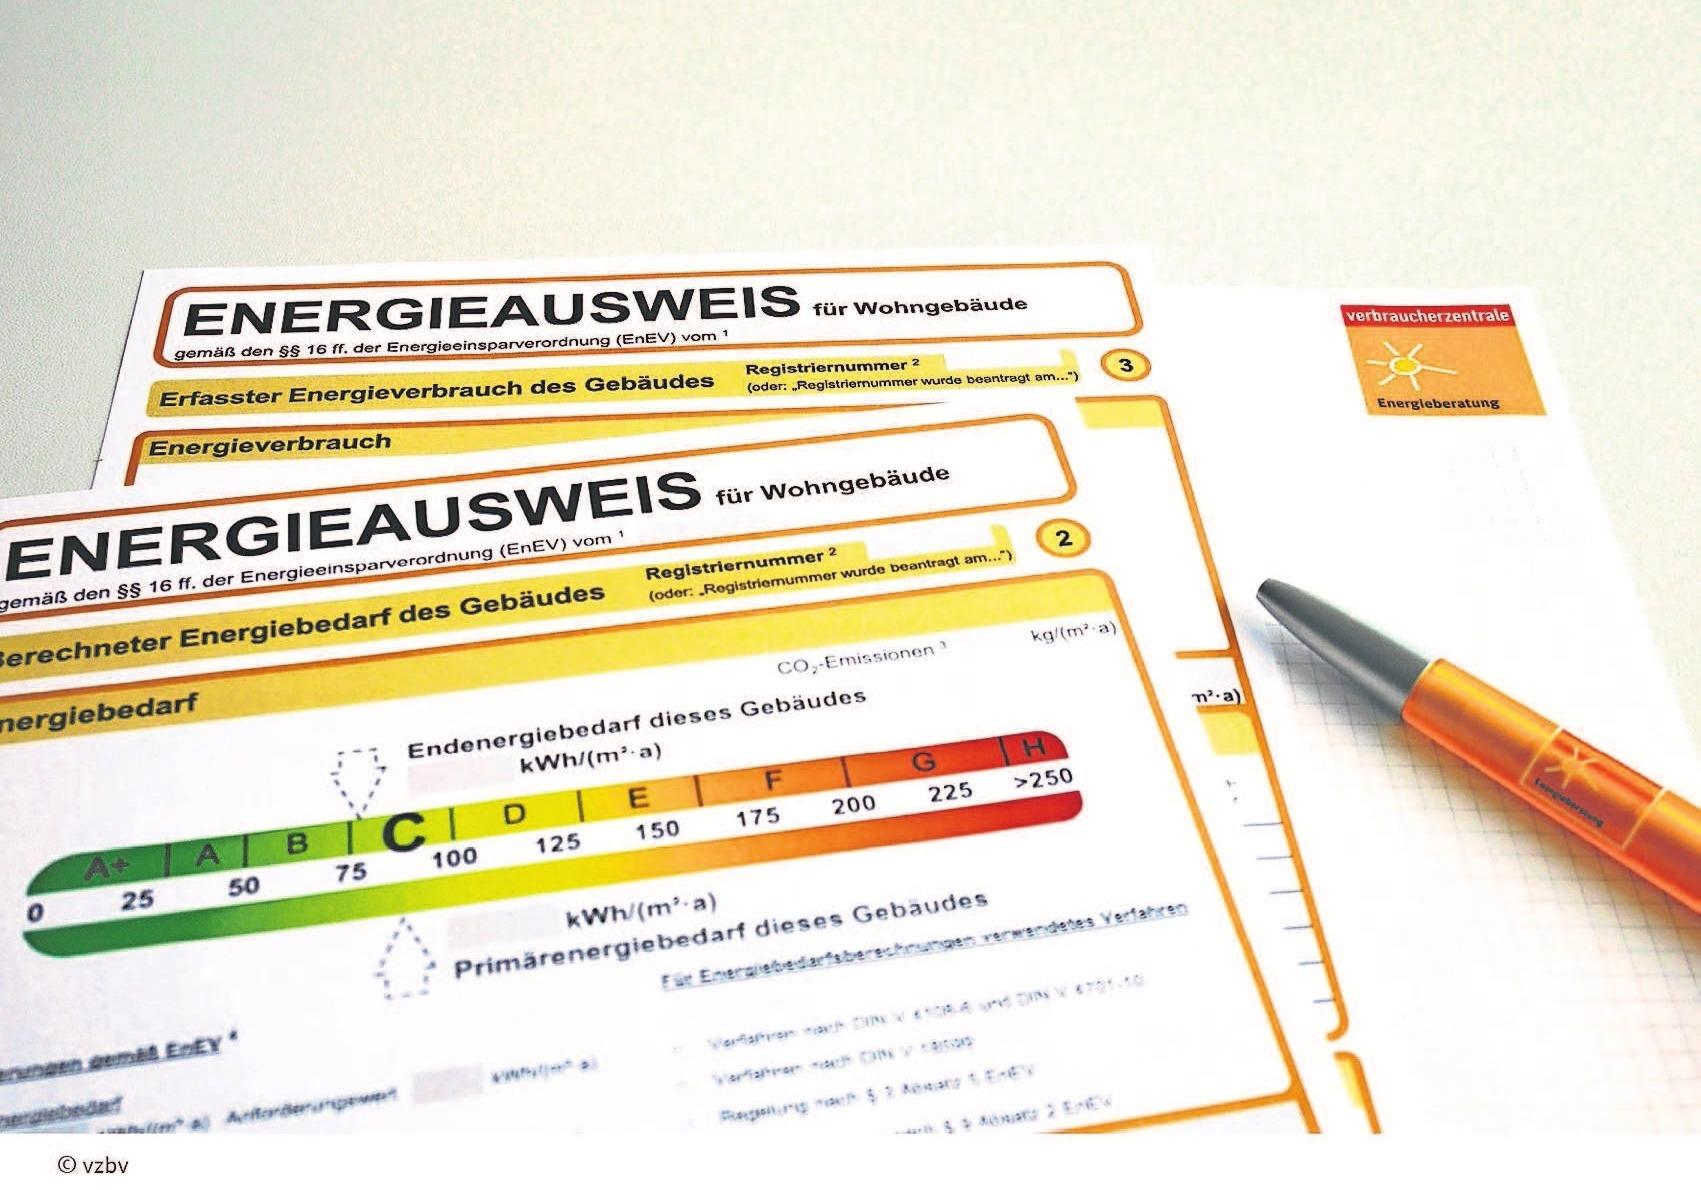 Energieausweise sind in der Regel zehn Jahre gültig. Das Fachhandwerk und die Klimaschutzmanager im Landratsamt Hof sowie die Energieberater beraten gern zu diesem Thema. Foto: vbz/akz-d